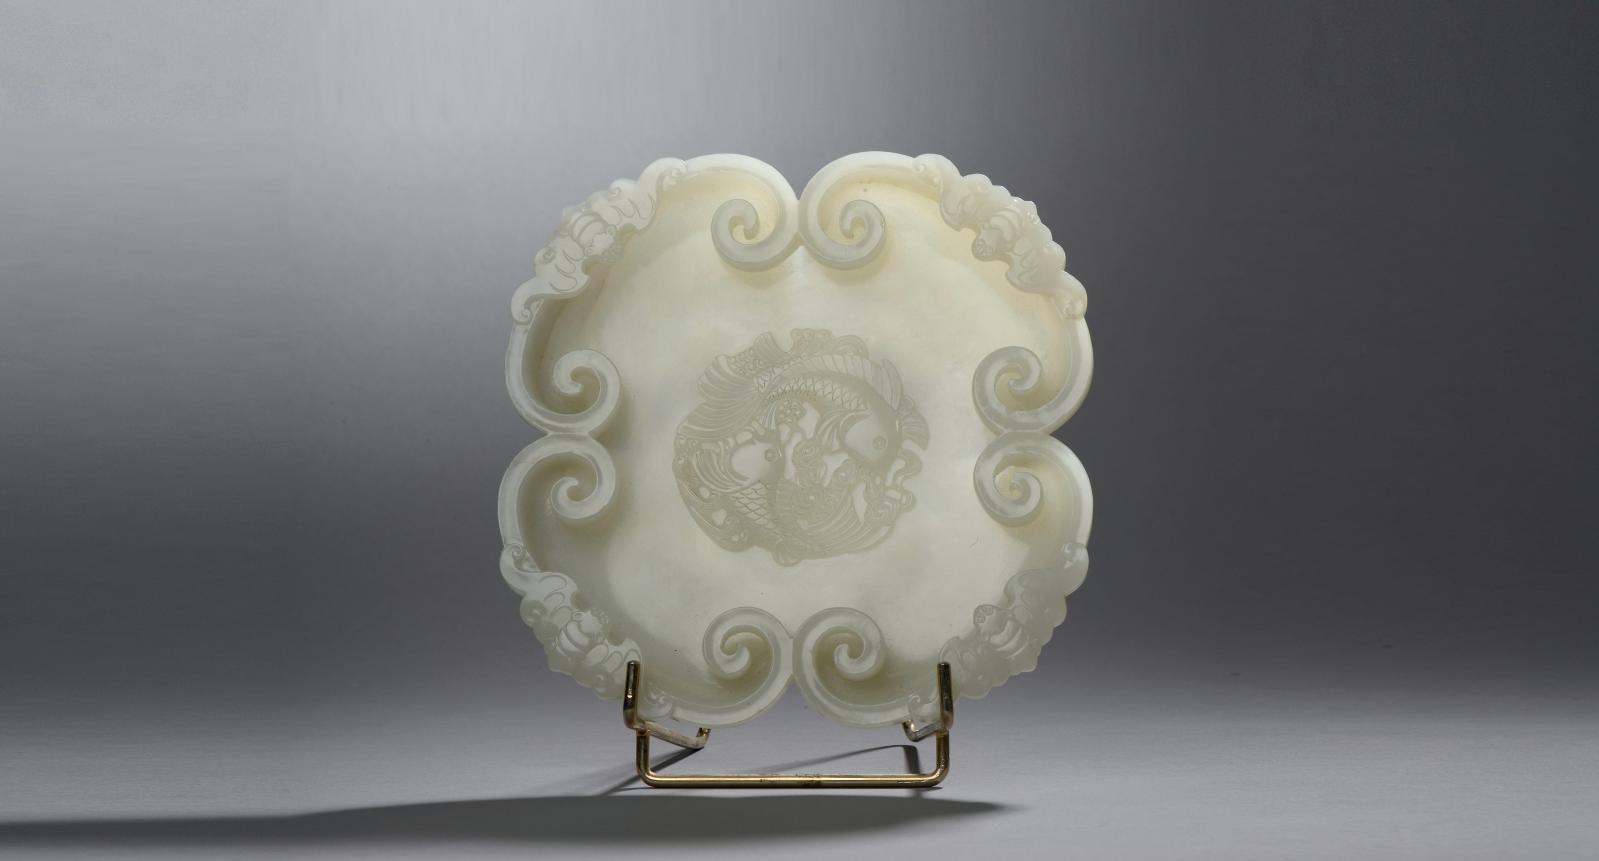 Chine, dynastie Qing, époque Qianlong (1736-1795). Coupe en jade blanc à décor de quatre ruyi accolés sur le pourtour, chacun surmonté d'une chauve-so